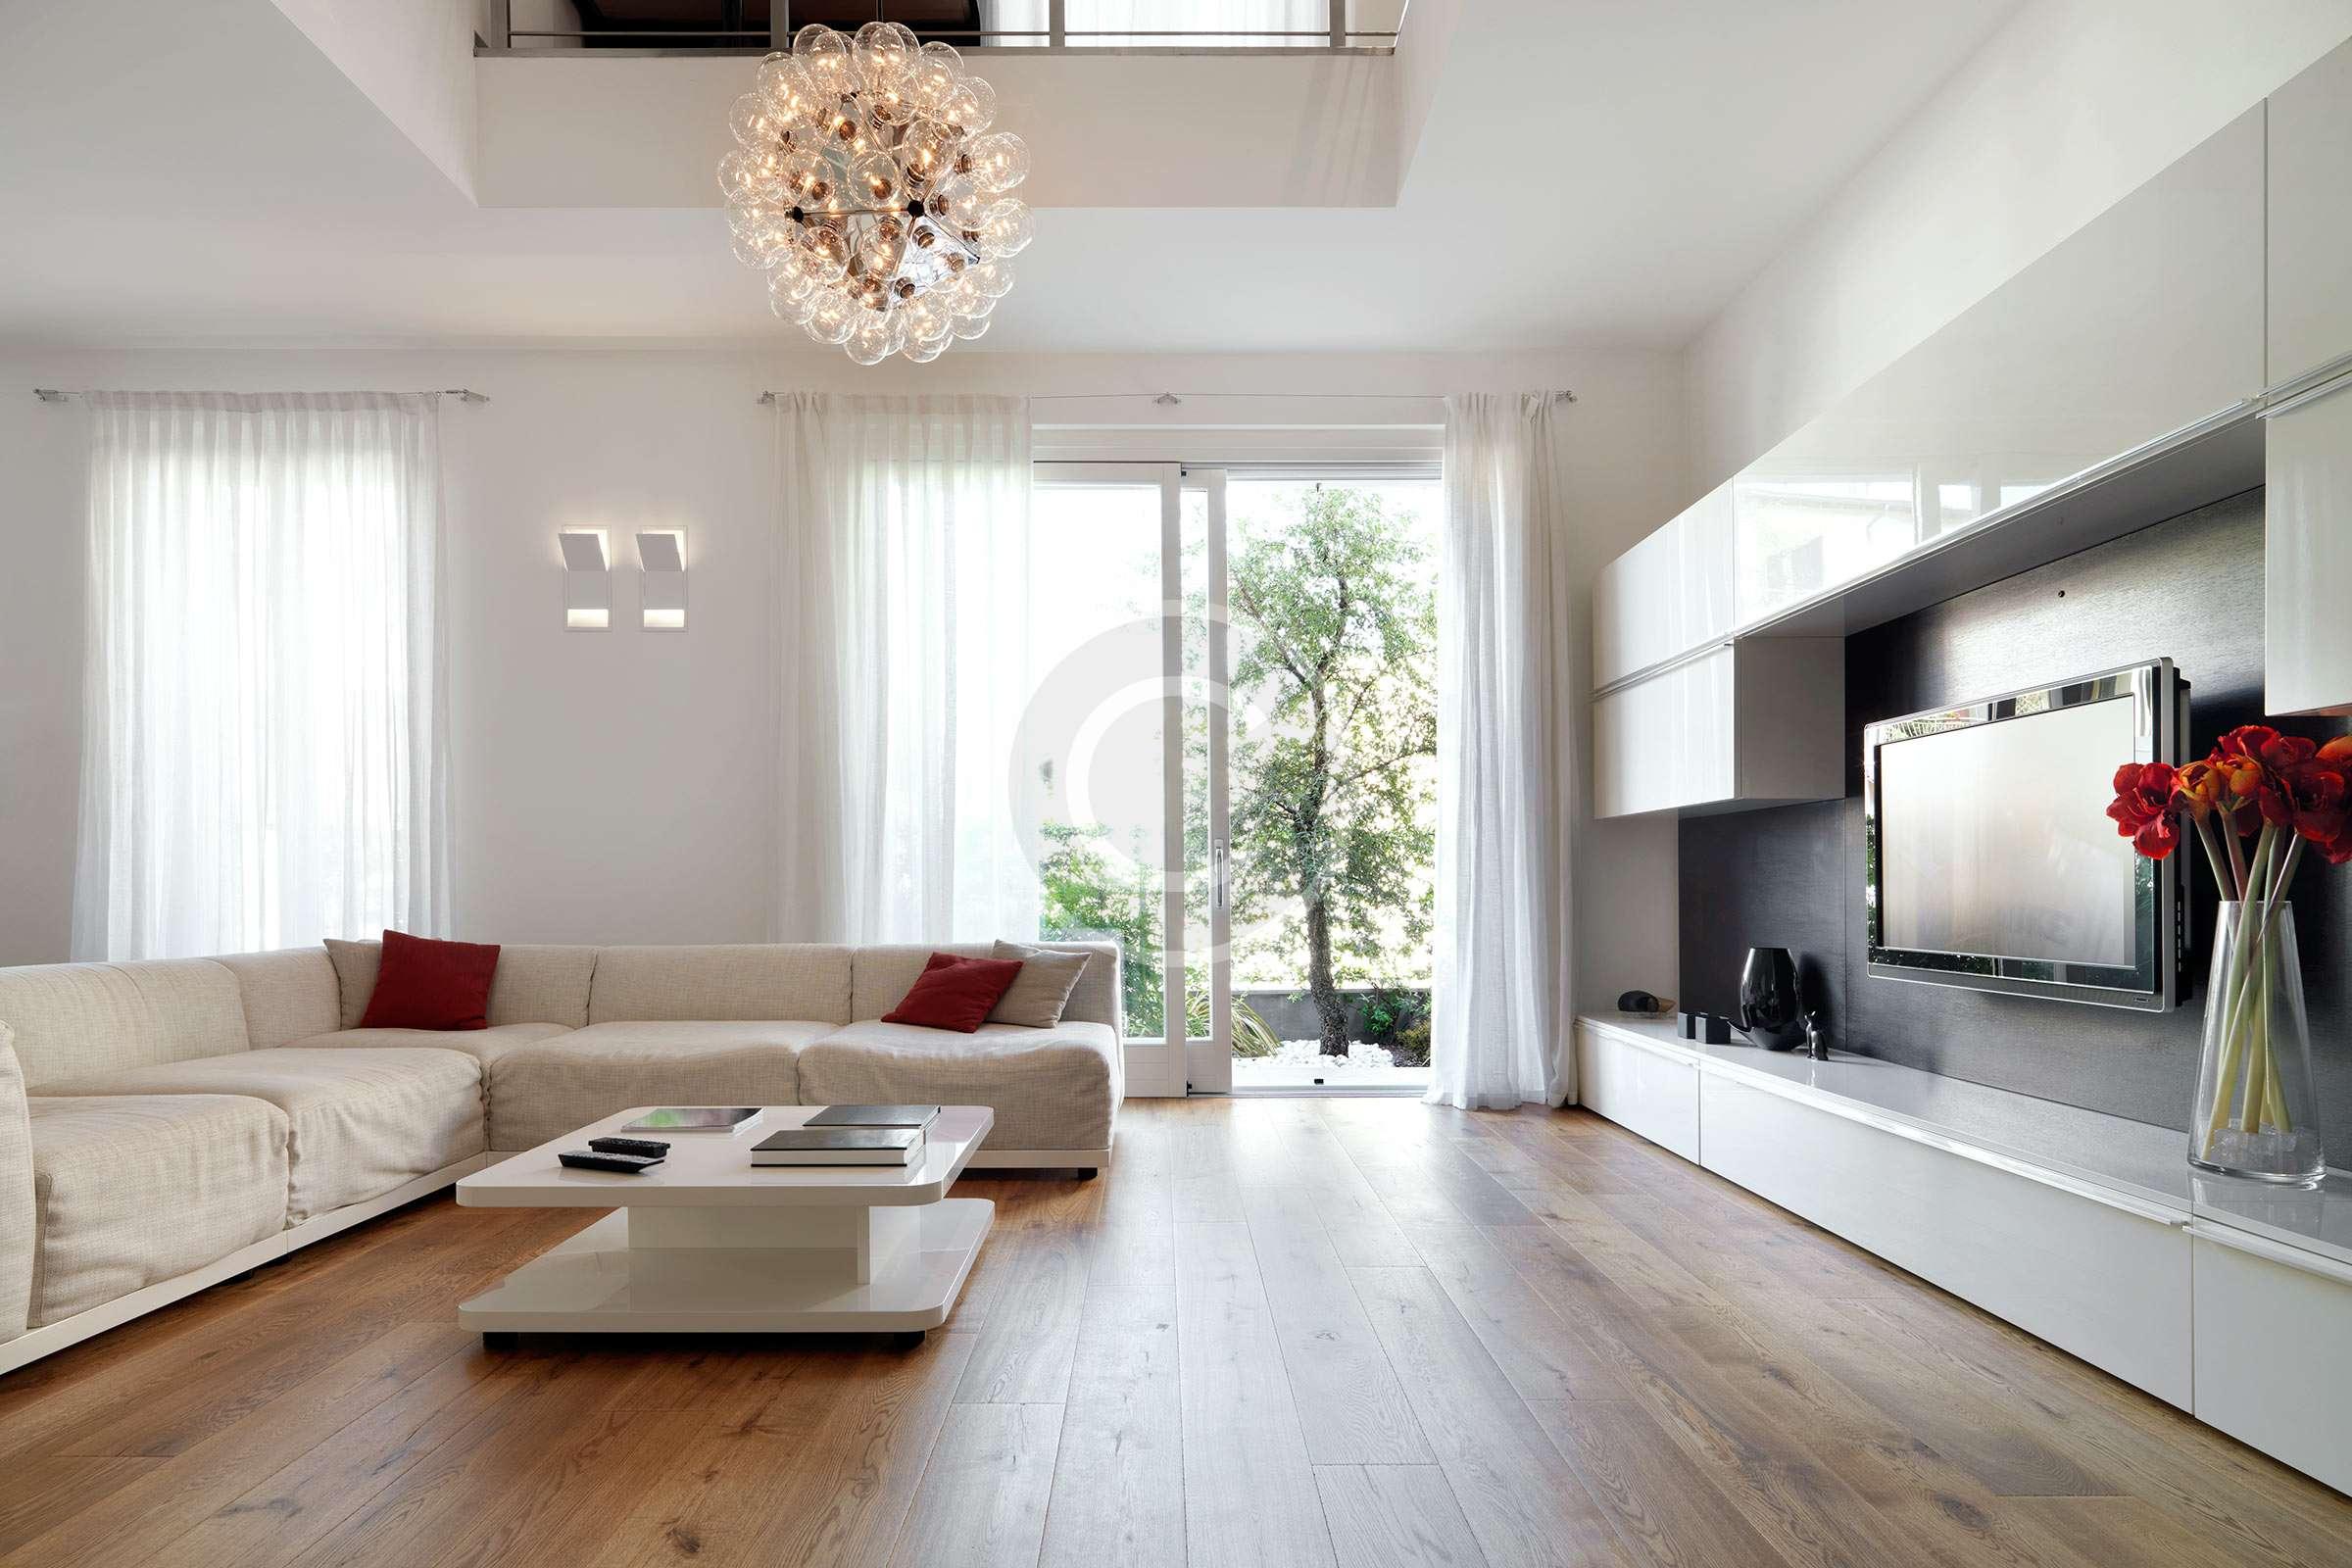 Evinizin Doğal Işığını En Üst Düzeye Çıkarmanın 5 Yolu